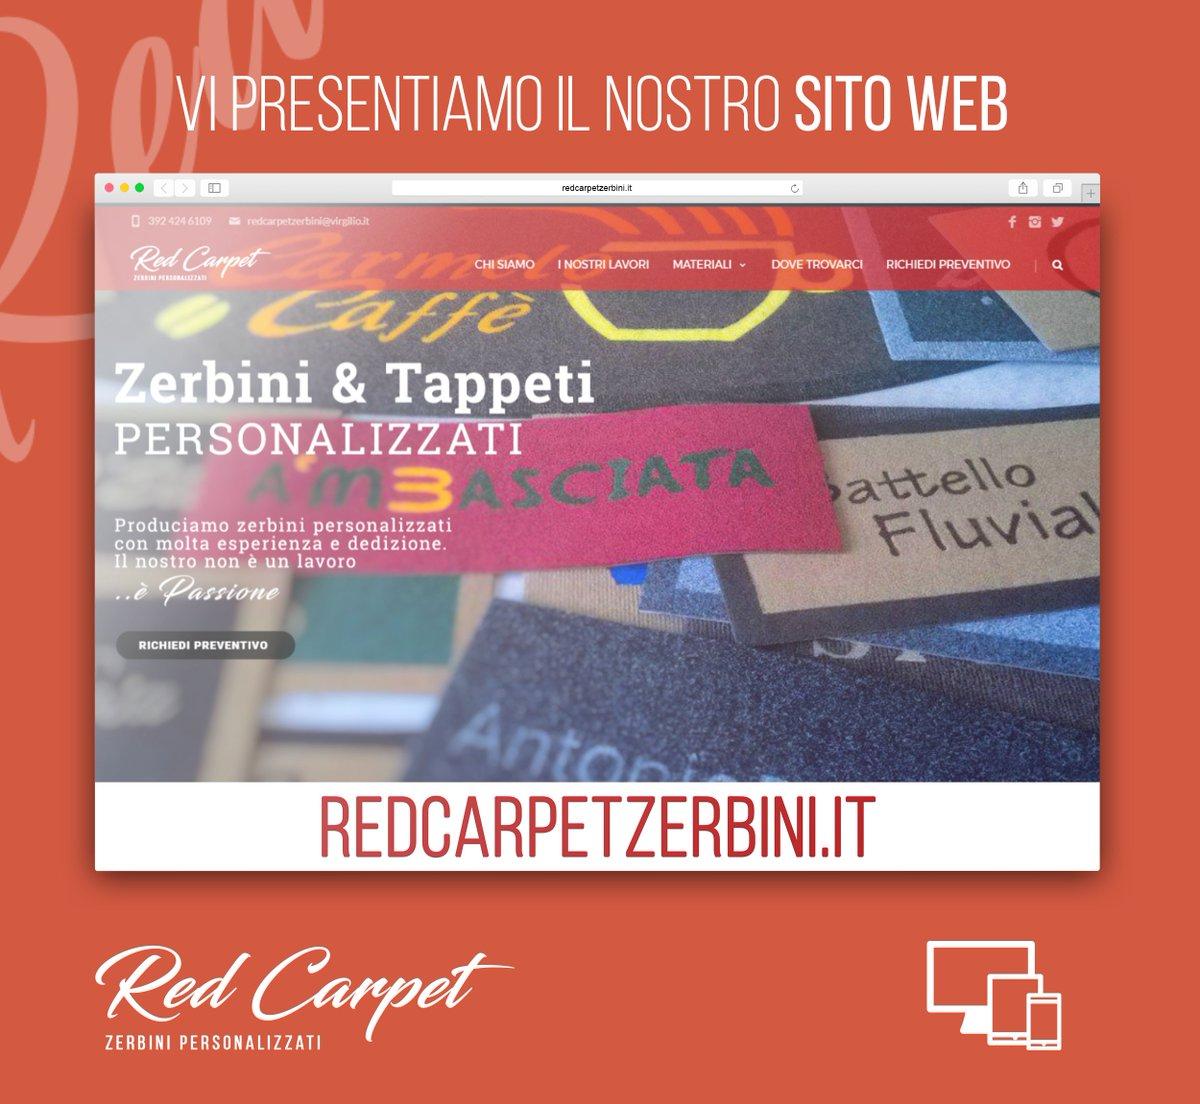 redcarpet zerbini (@redcarpettp) | twitter